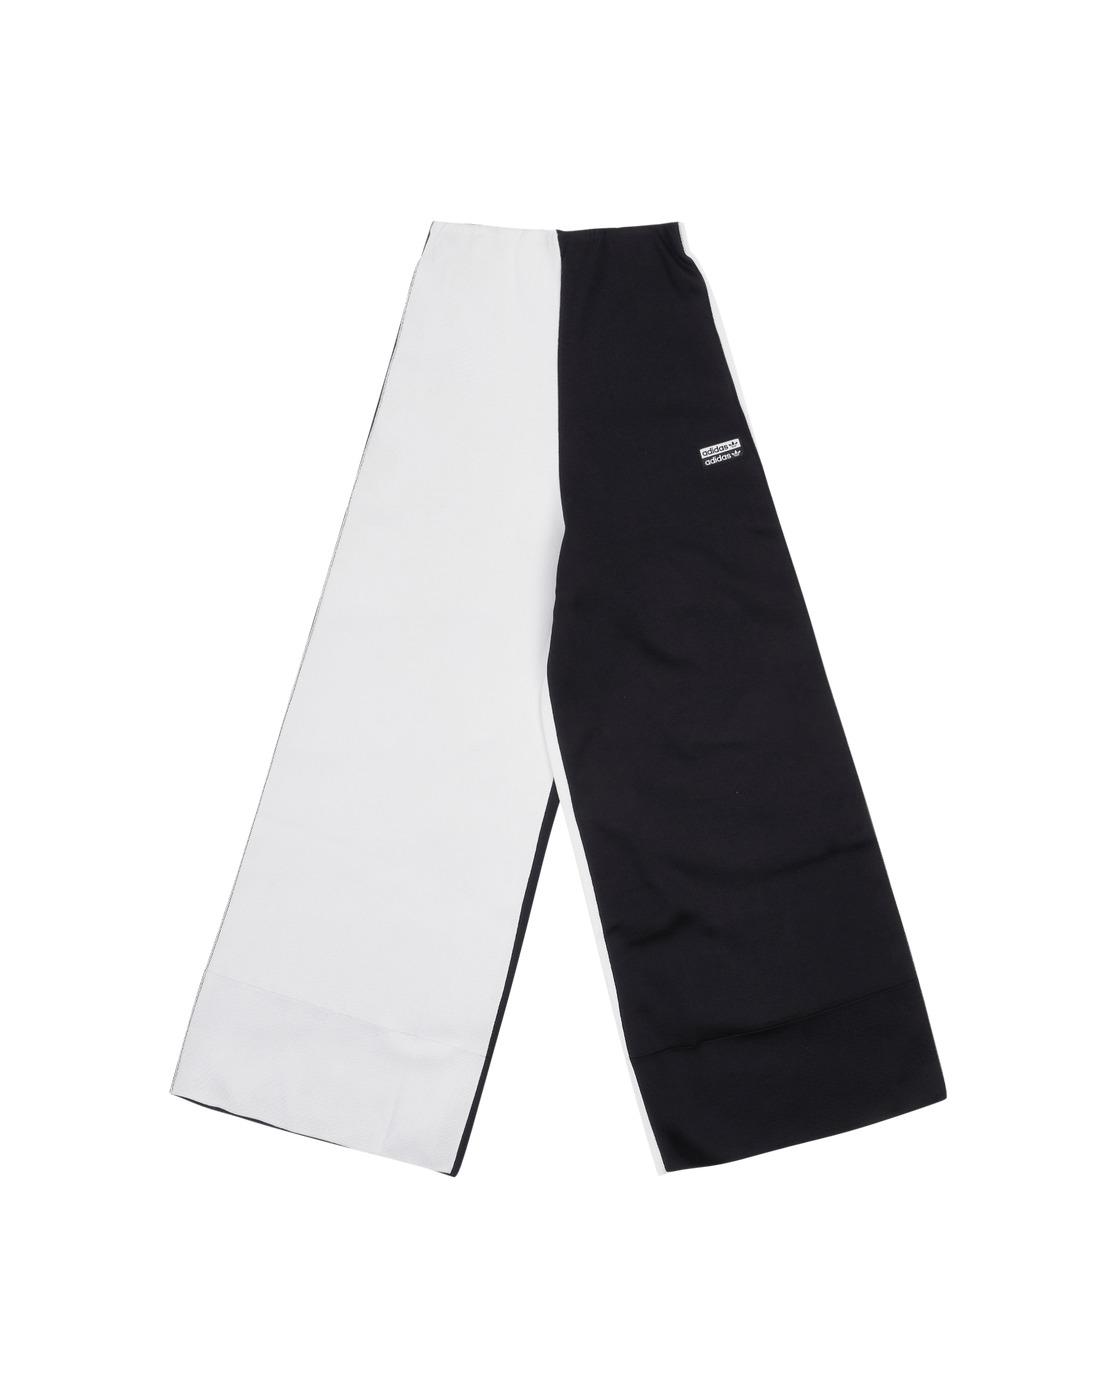 Adidas Originals Sweatpants Black/White